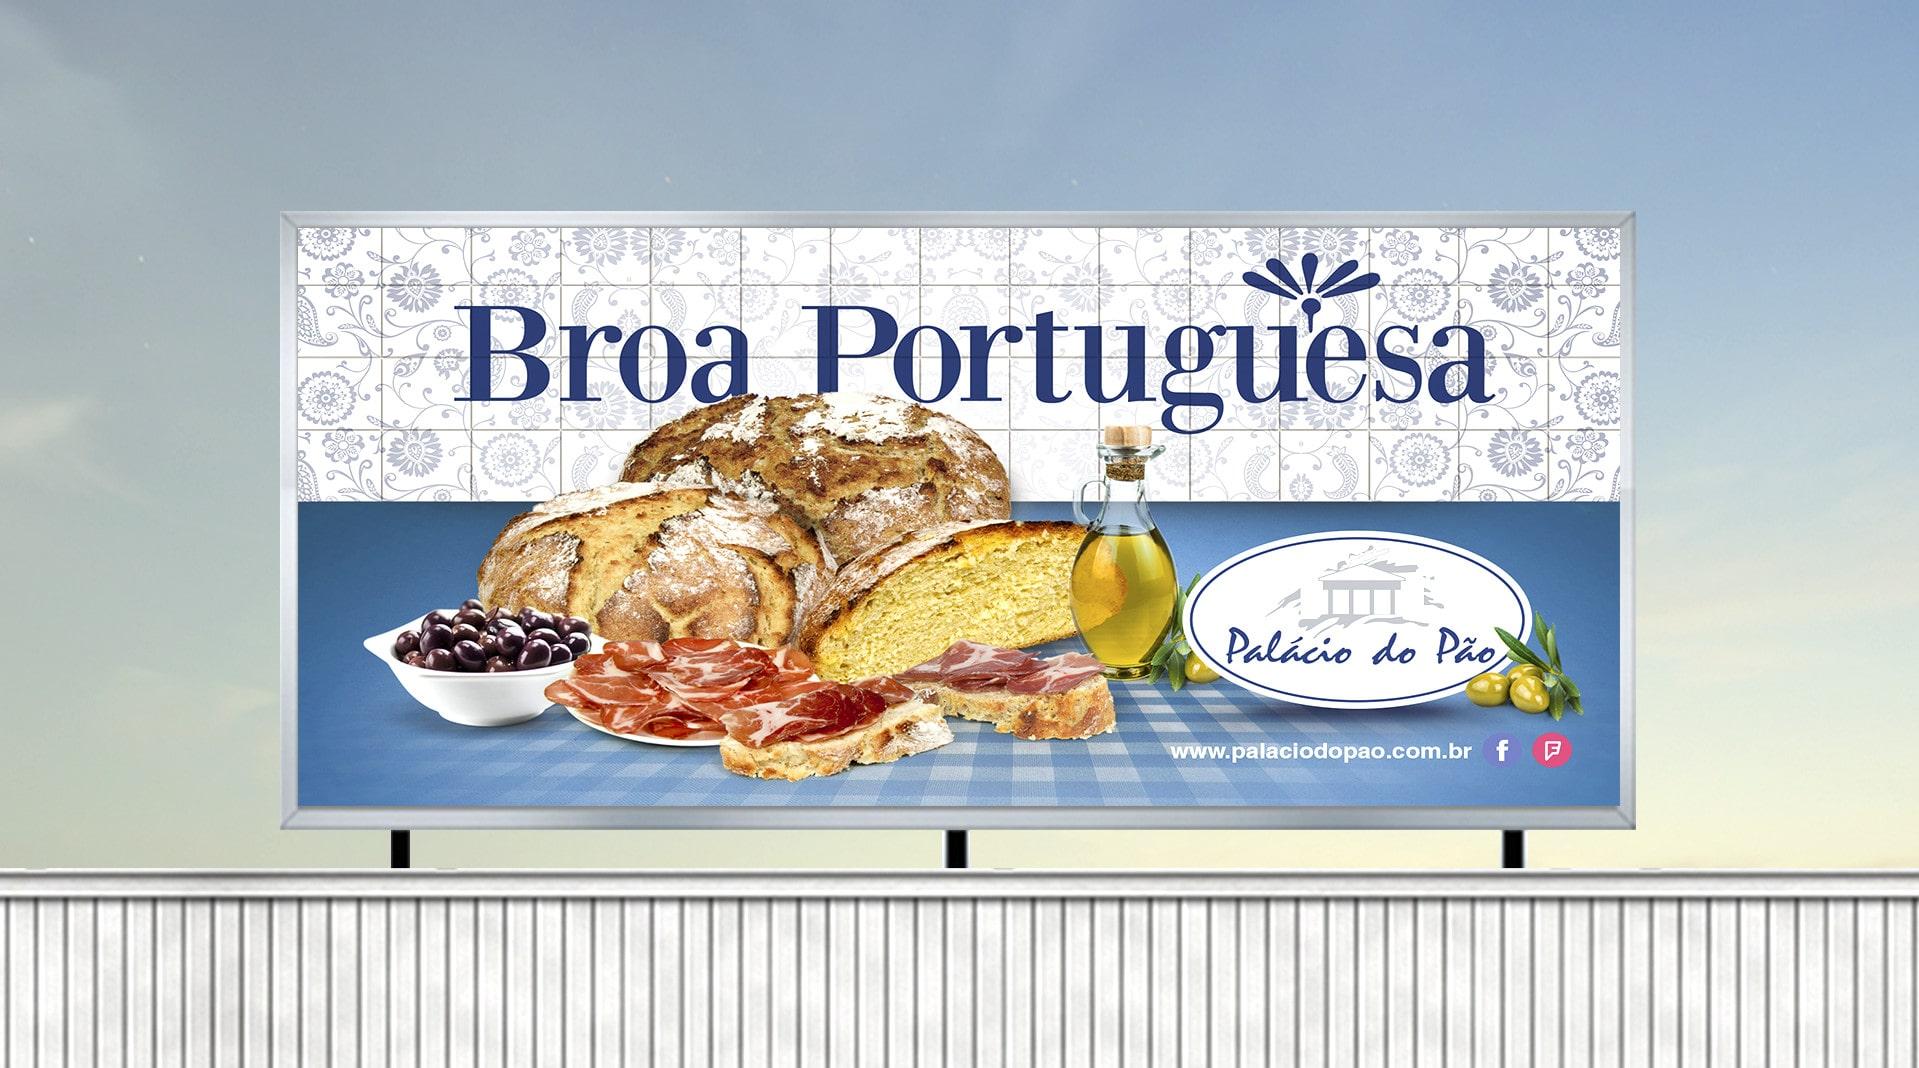 painél broa portuguesa Padaria Palácio do Pão